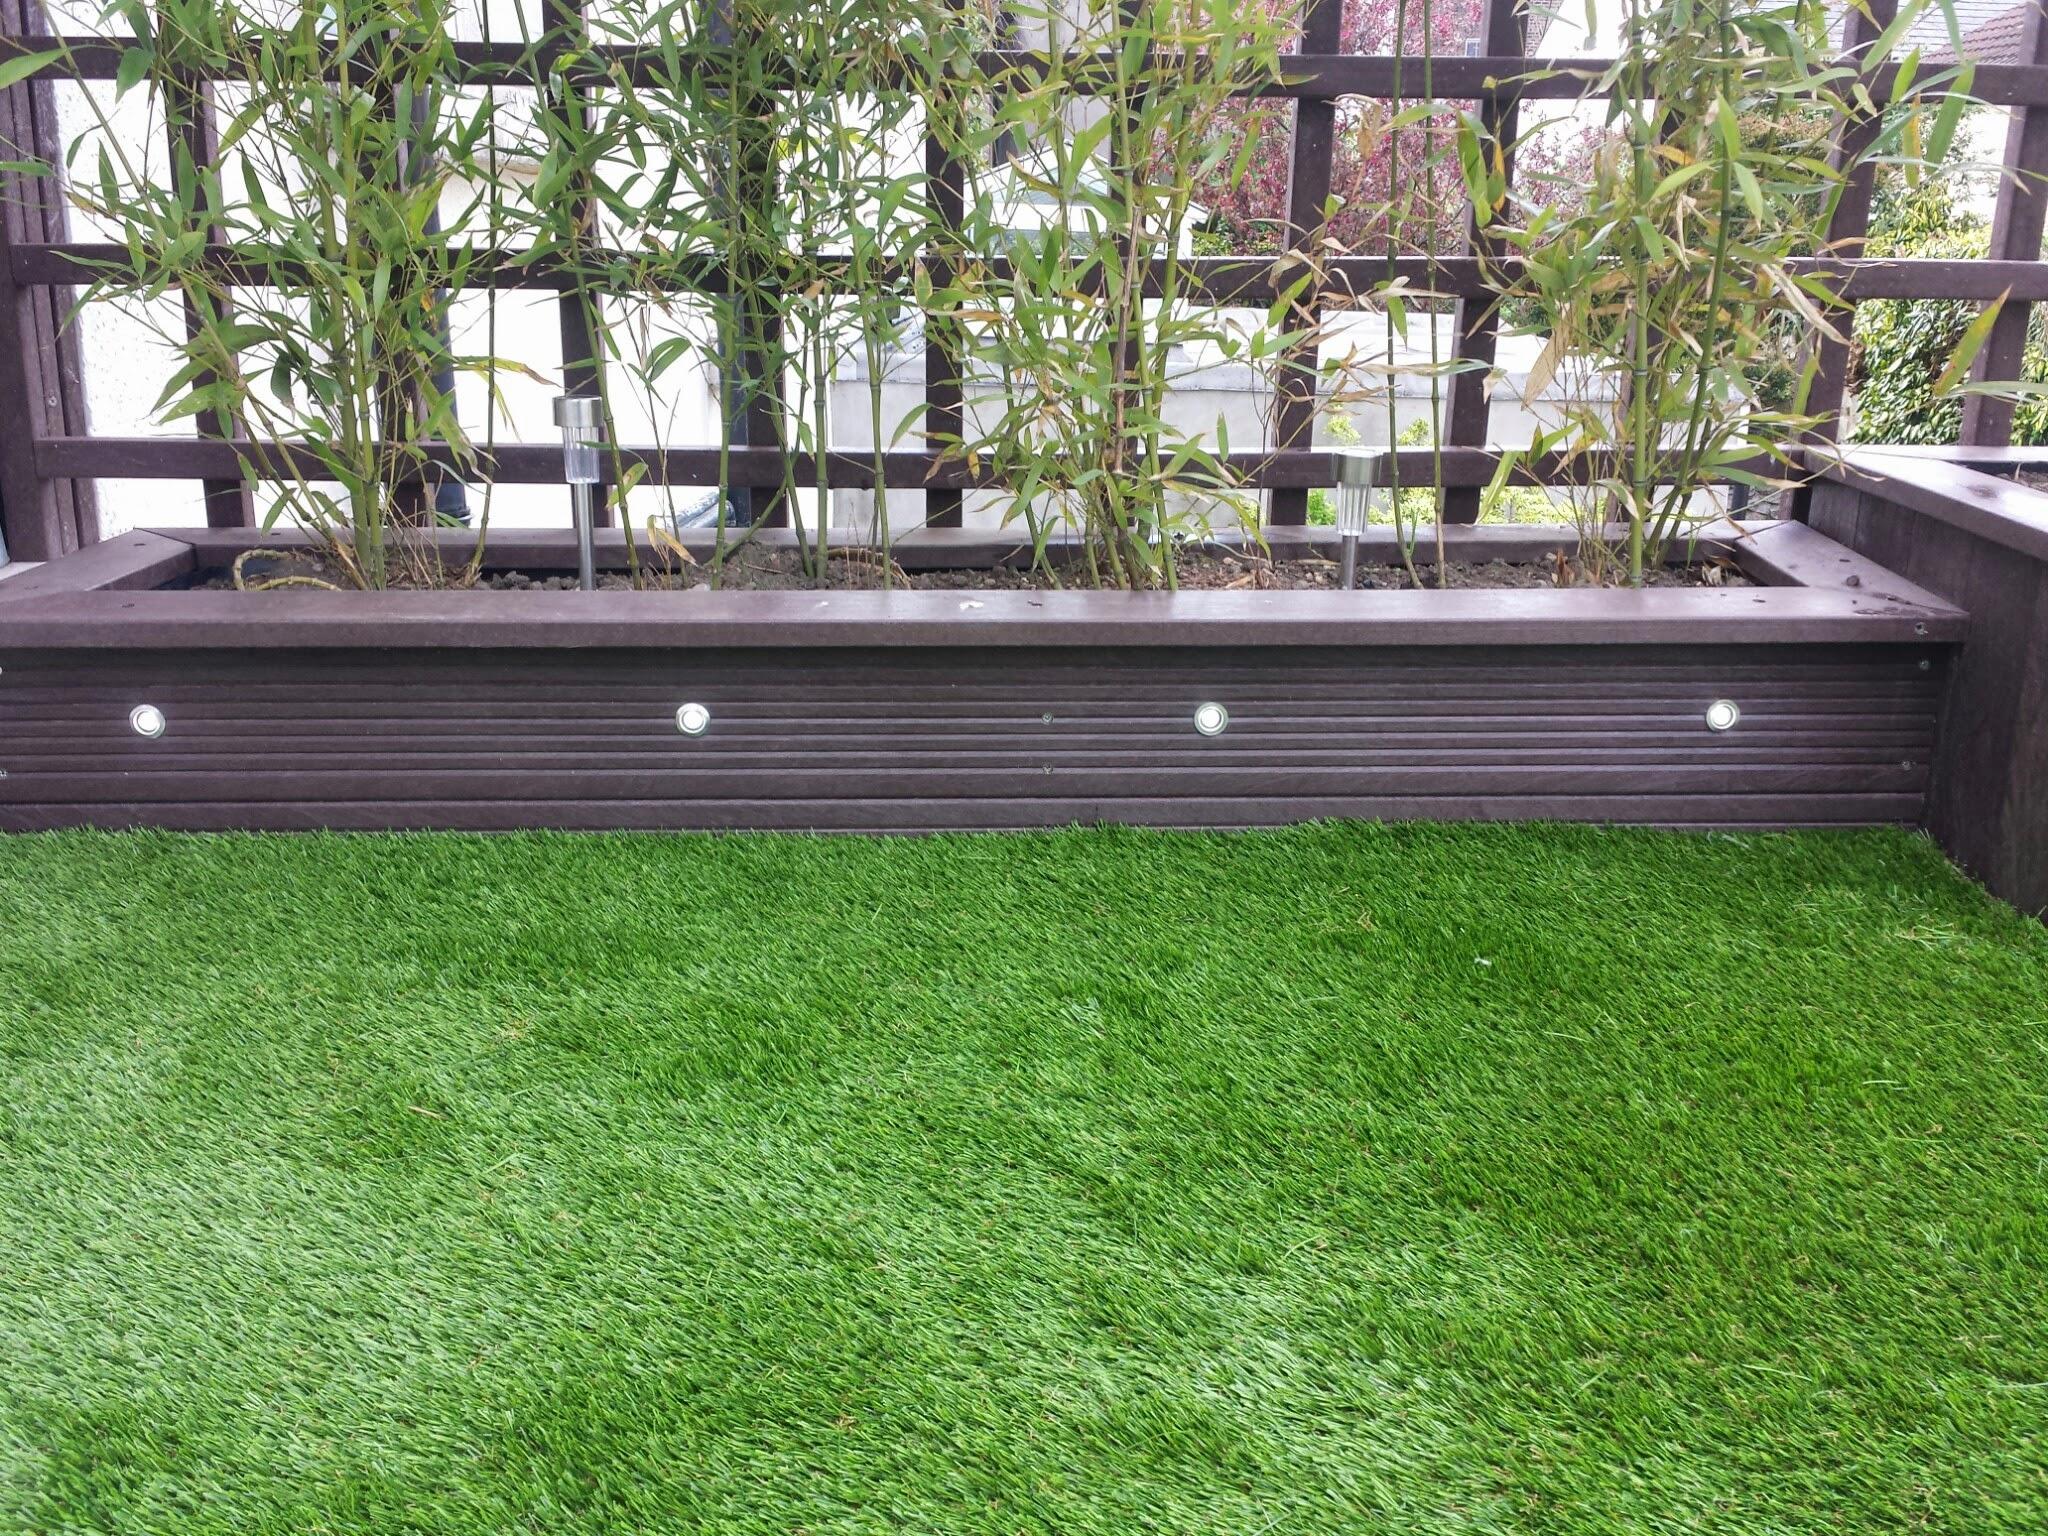 Balcony planters